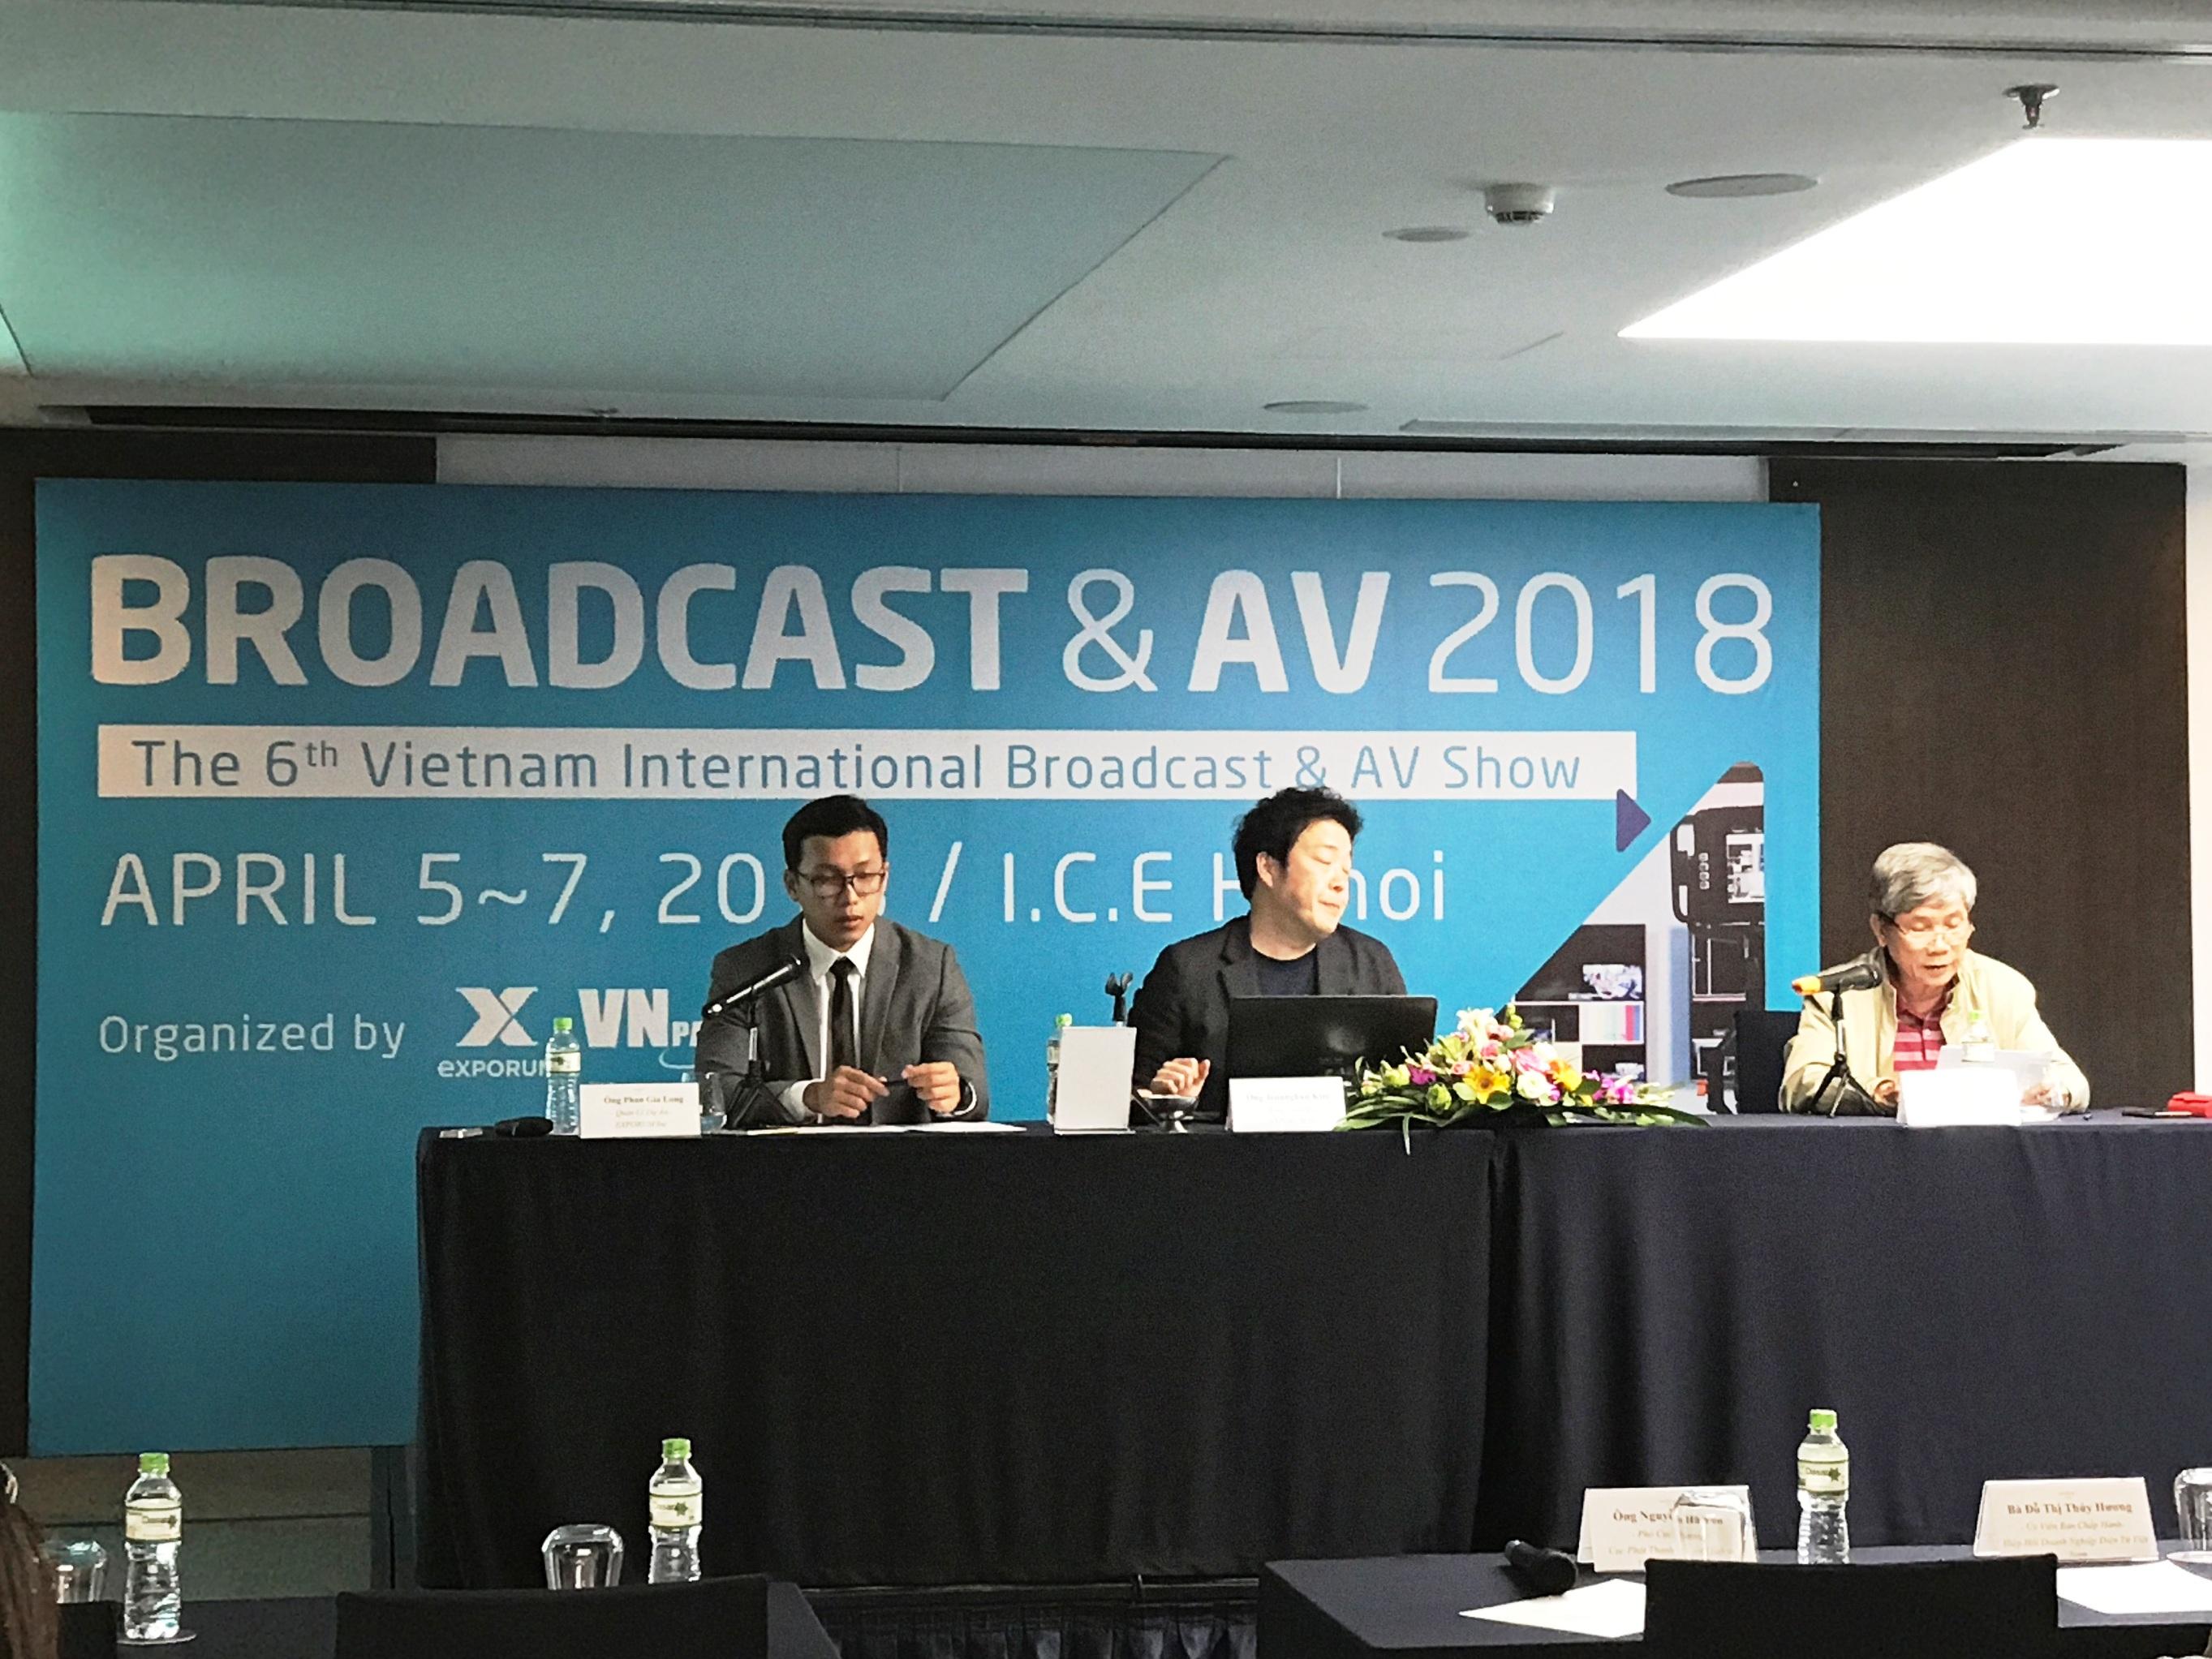 Họp báo giới thiệu về Triển lãm Quốc tế về Phát thanh Truyền hình và Thiết bị Nghe nhìn 2018 (VIBA Show 2018).